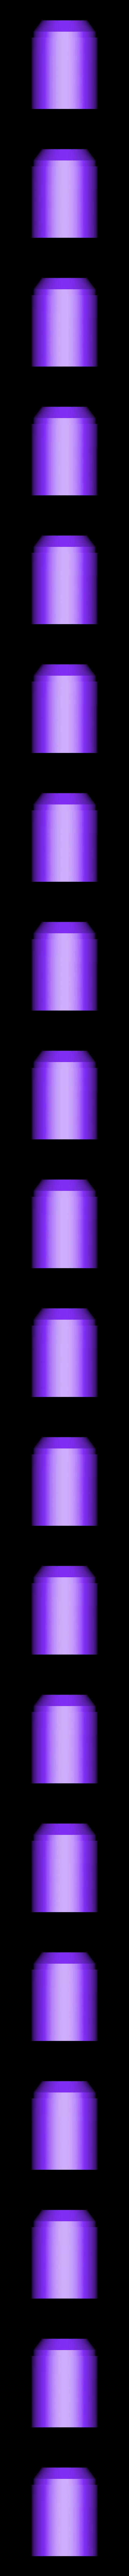 Upper_Large_base_v3.stl Télécharger fichier STL gratuit Clone Wars Era Rockets pour Boba Fett Jet Pack • Modèle pour impression 3D, ewr2san